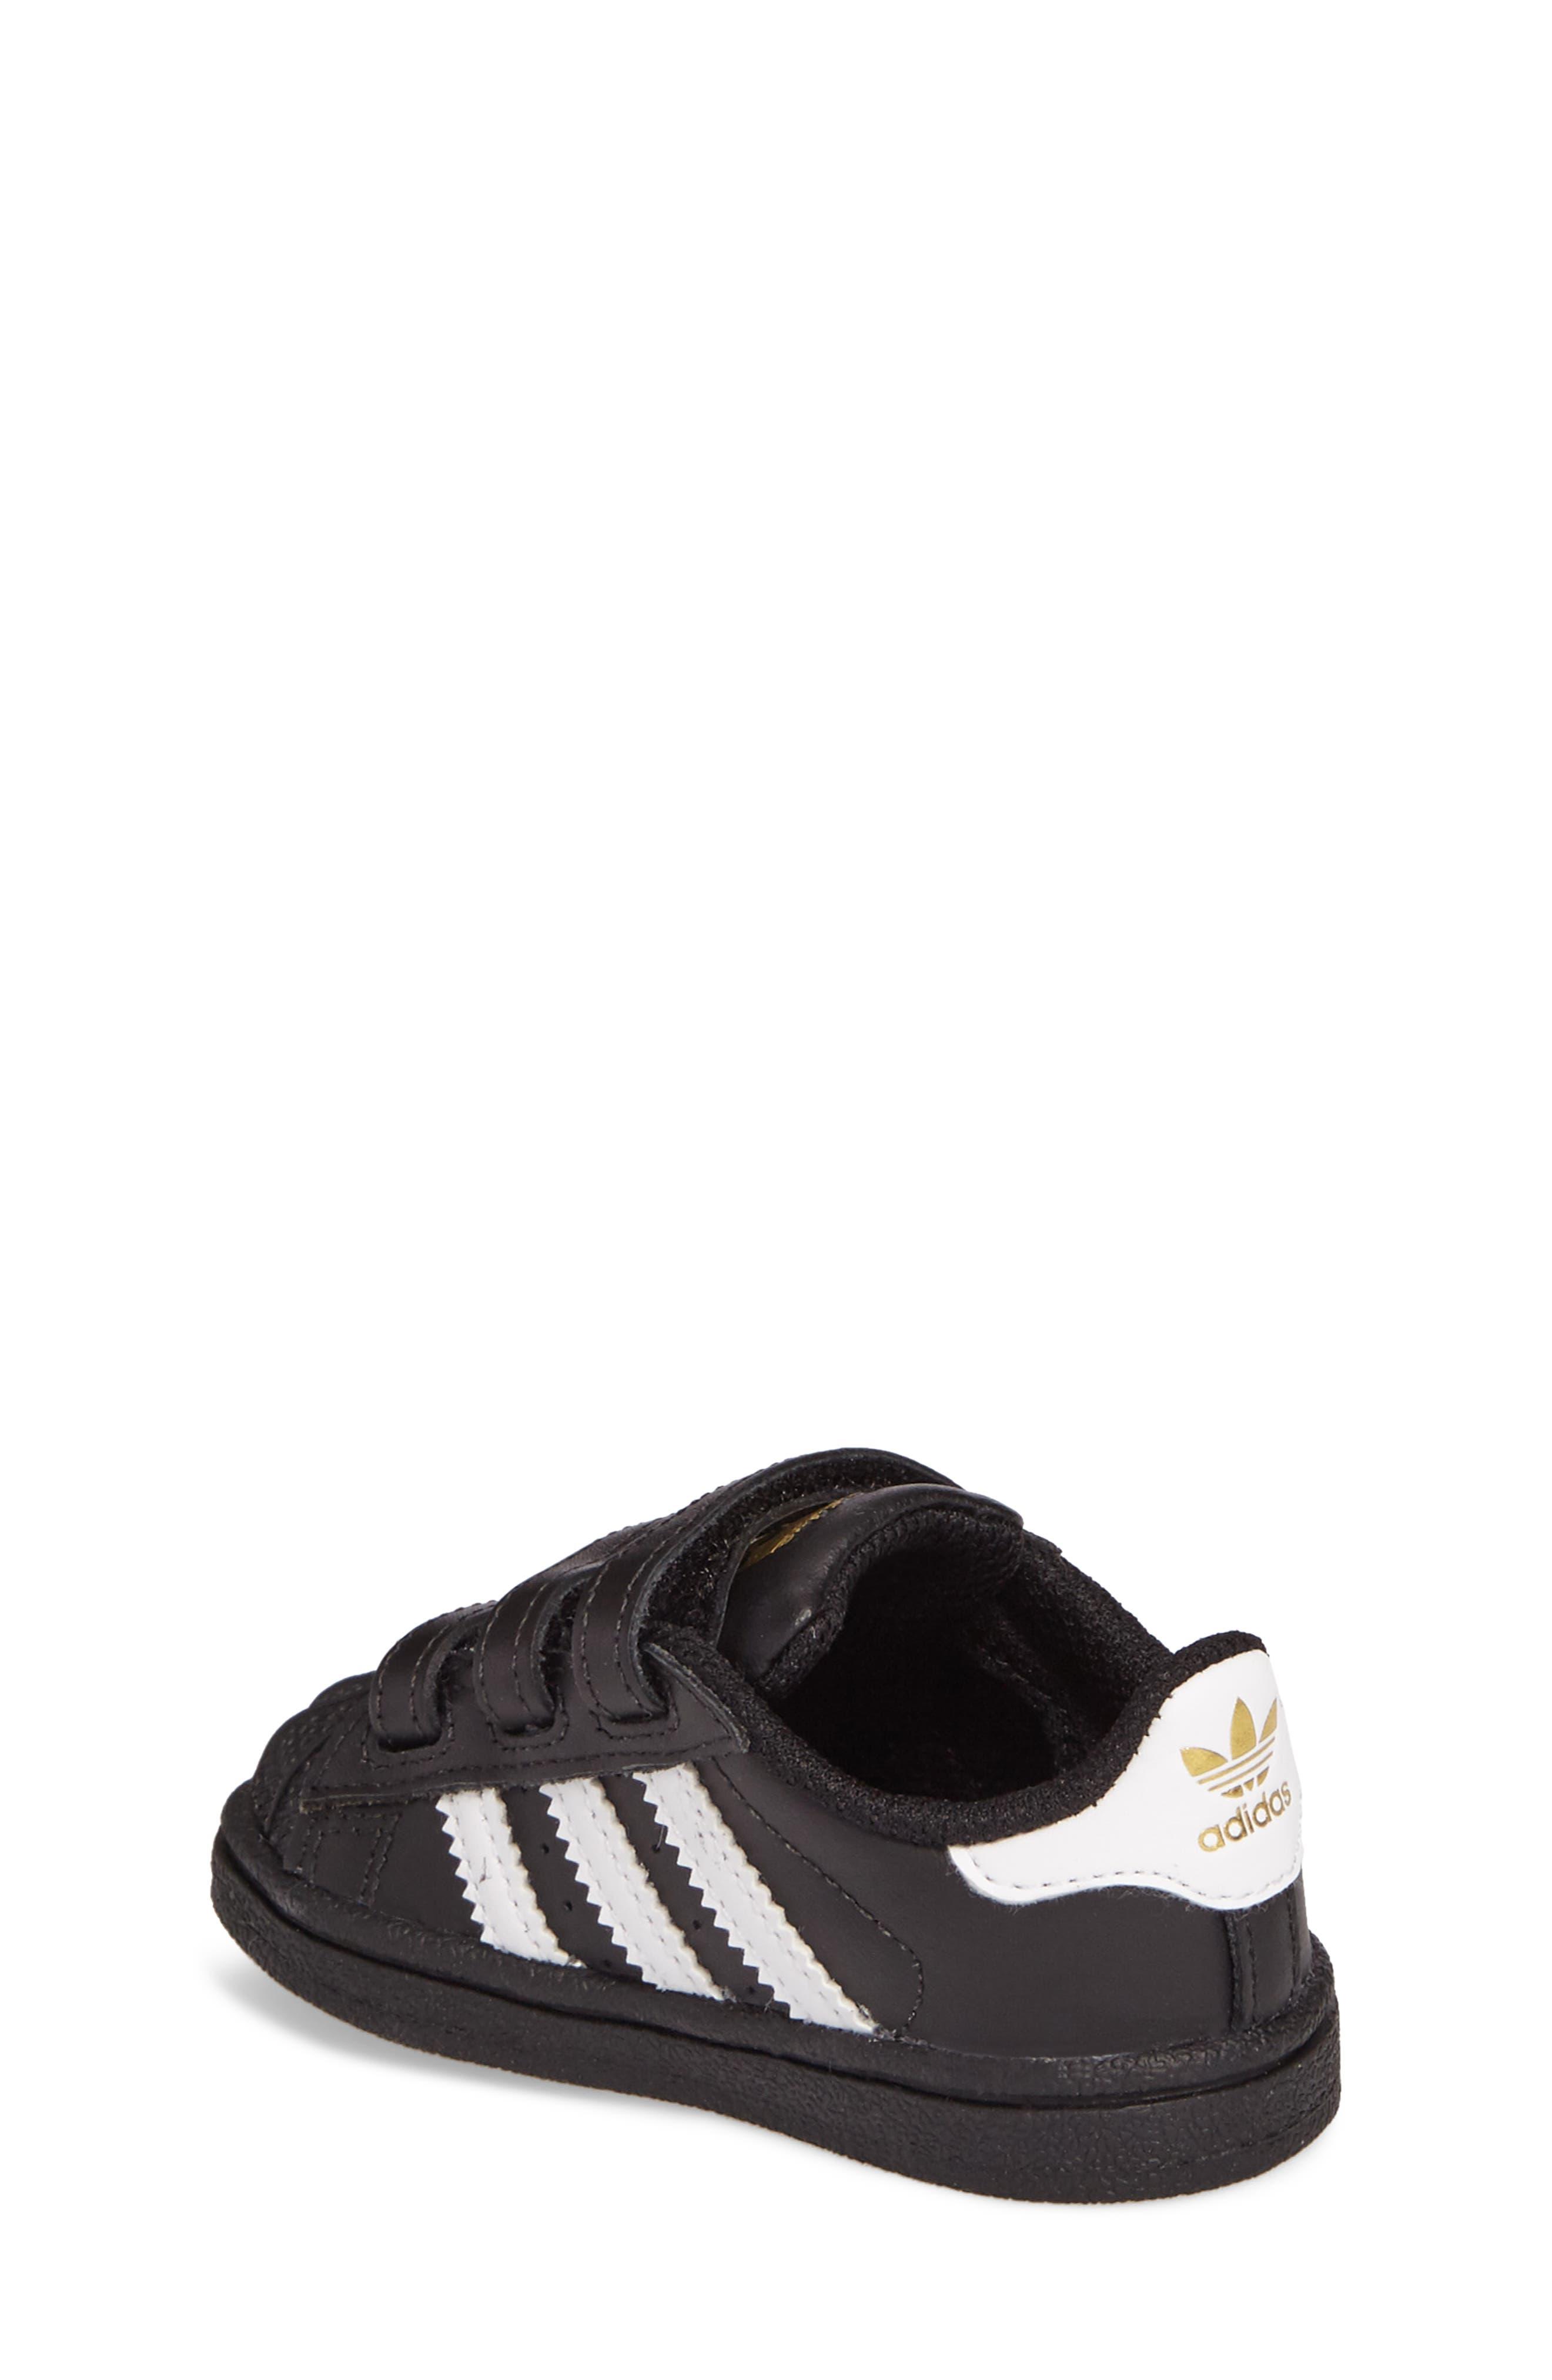 Superstar Sneaker,                             Alternate thumbnail 2, color,                             003